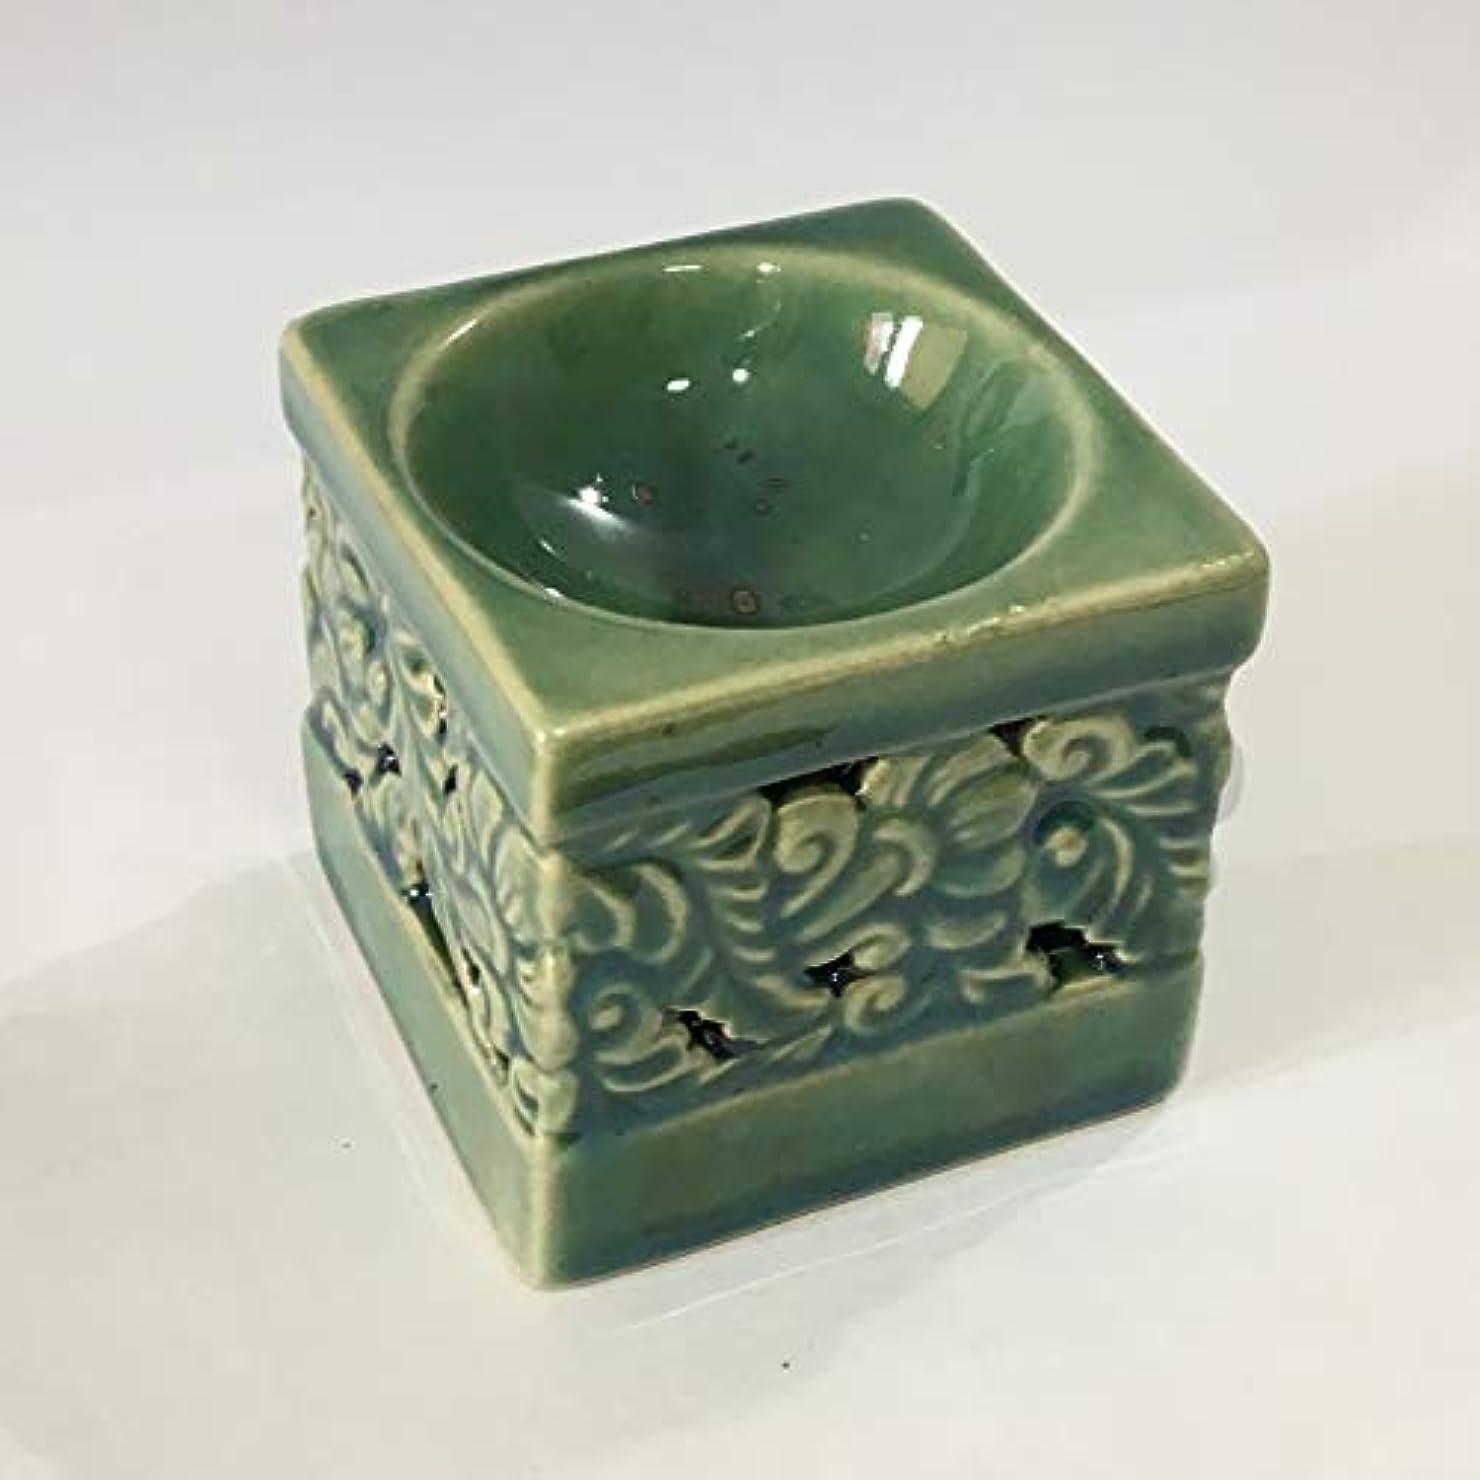 壮大な近傍投獄アロマポット (緑) 角型 フラワーカービング柄 チェンマイ産 香炉 陶器 アロマ炉 タイ